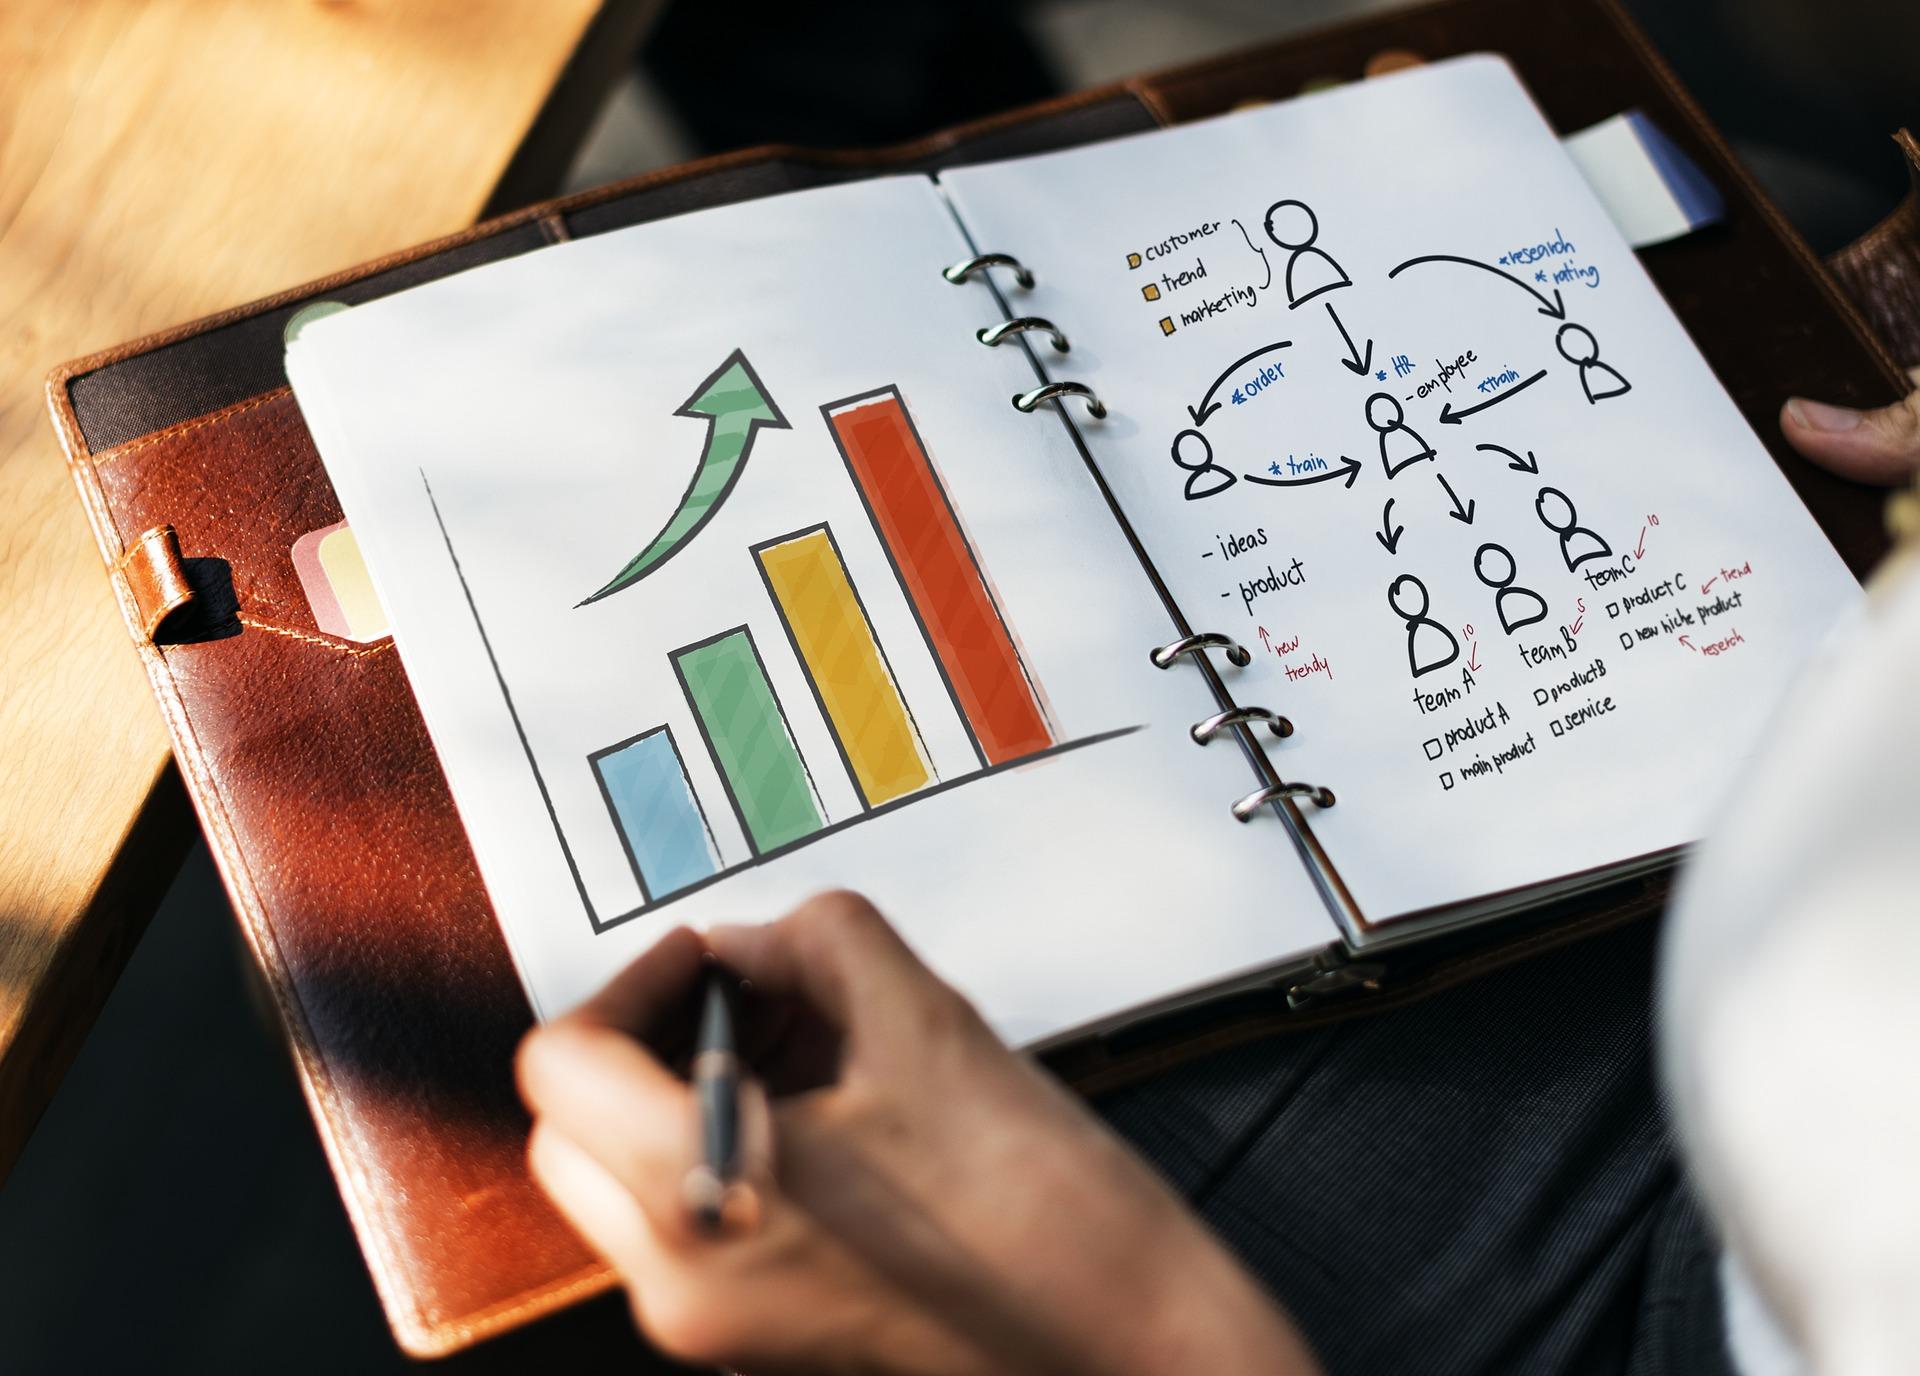 procesu-valdymas-verslas-organizavimas